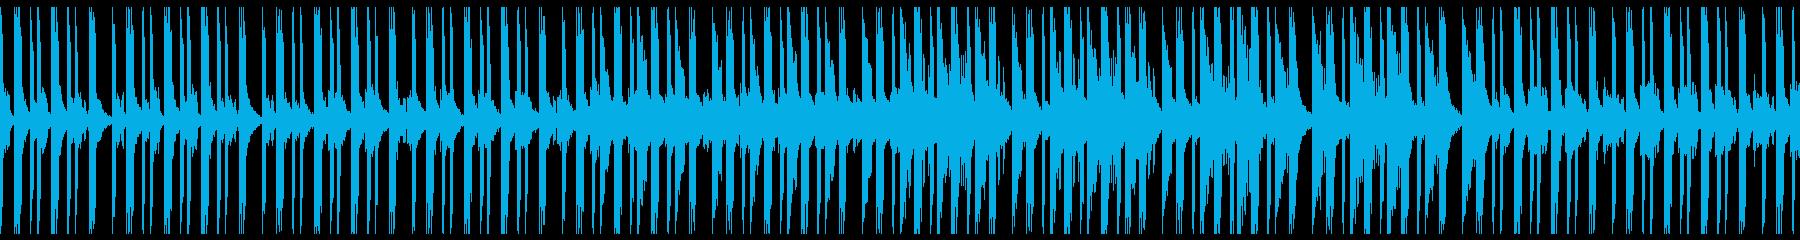 幻想的 ふわふわ アンビエントの再生済みの波形